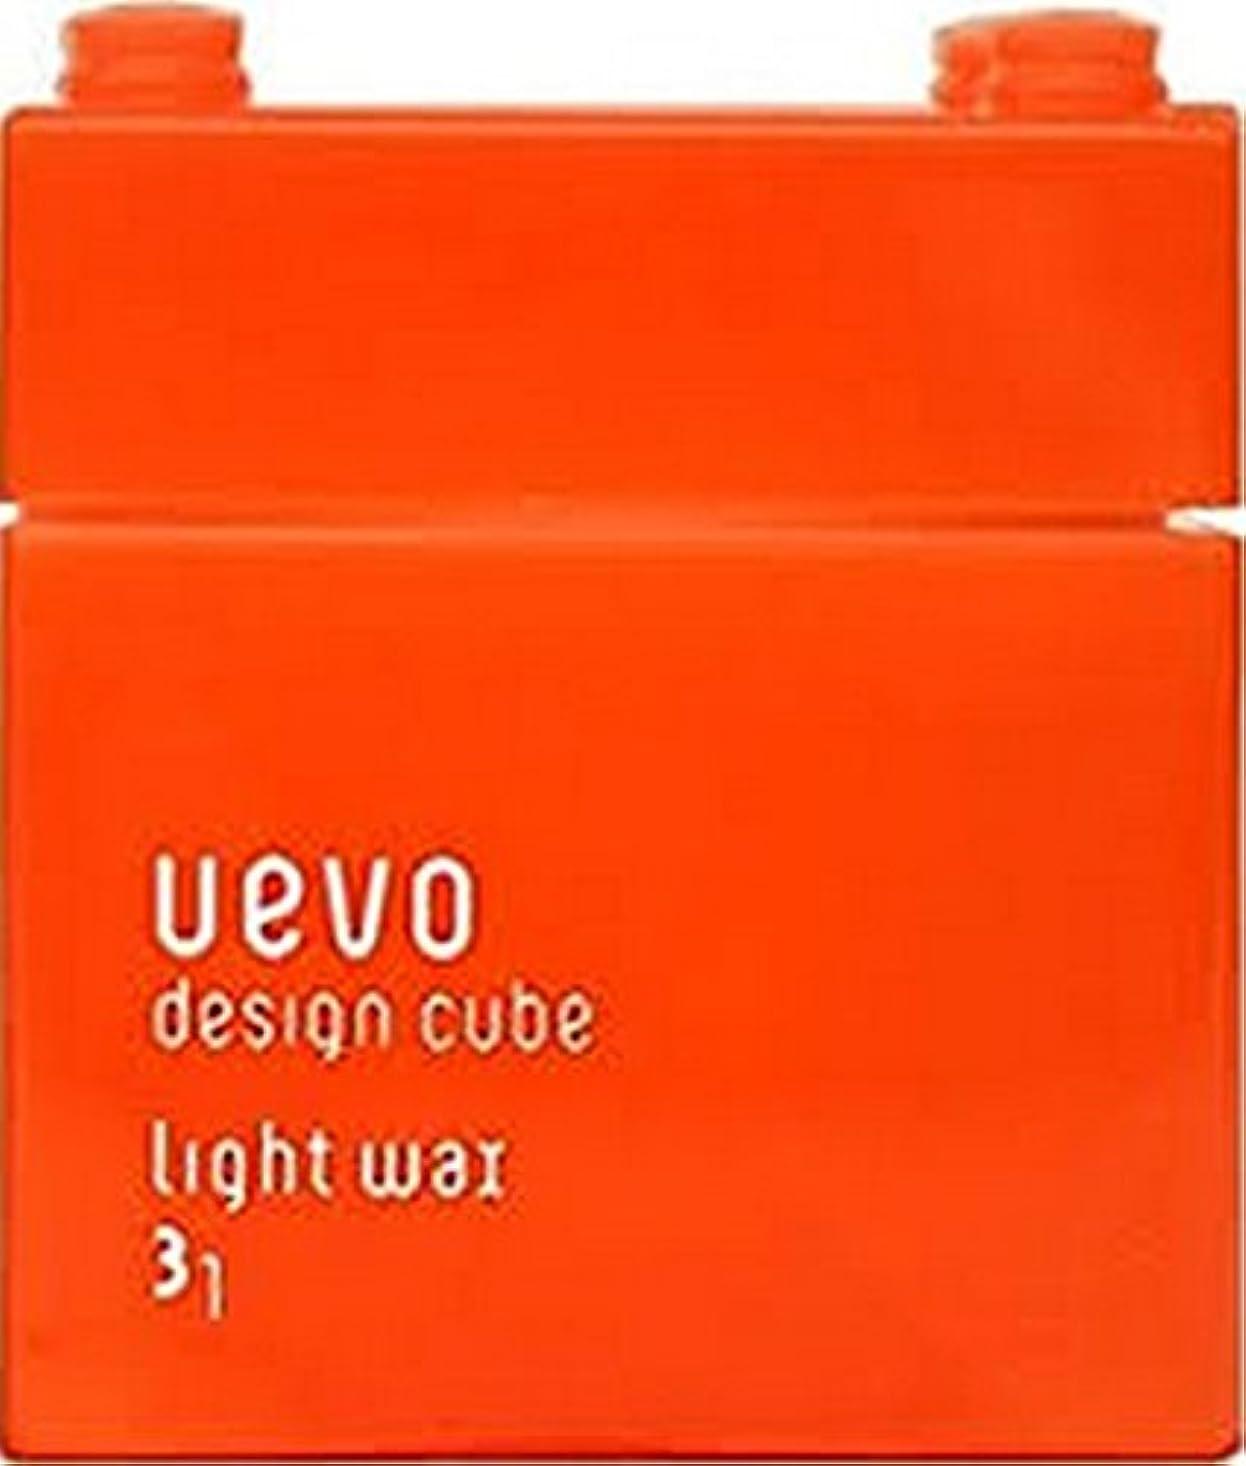 言うどうやって掻く【デミコスメティクス】ウェーボ デザインキューブ ラウンドワックス 80g